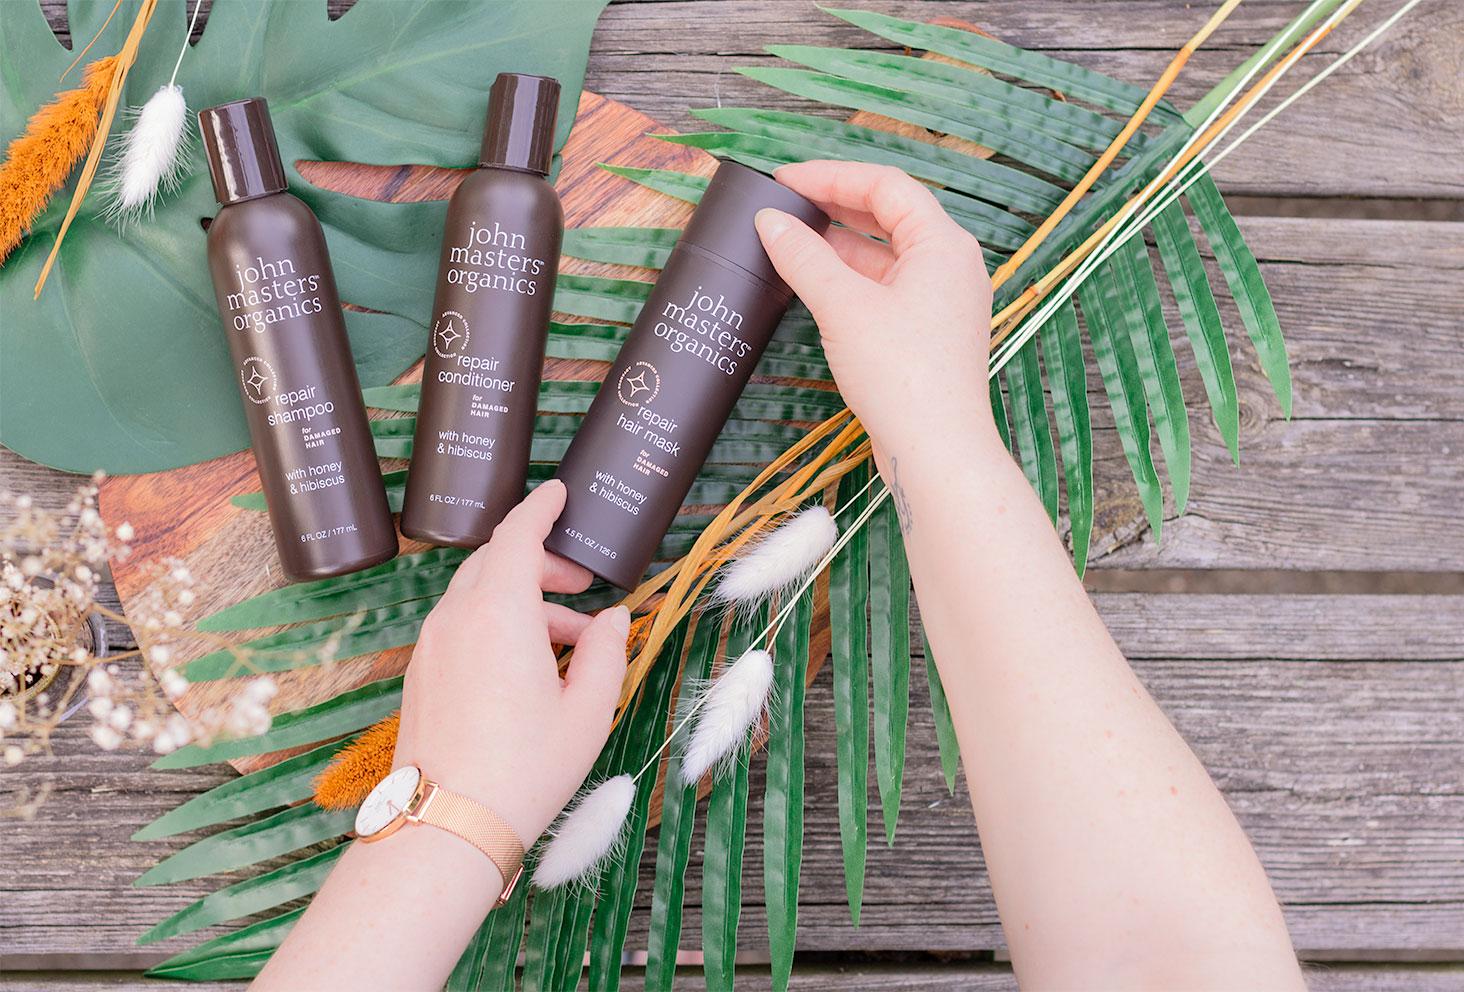 La gamme pour cheveux abîmés au miel et à l'hibiscus de John Masters Organics allongés sur une table en bois, le masque entre les mains, vus de haut au milieu des fleurs séchées